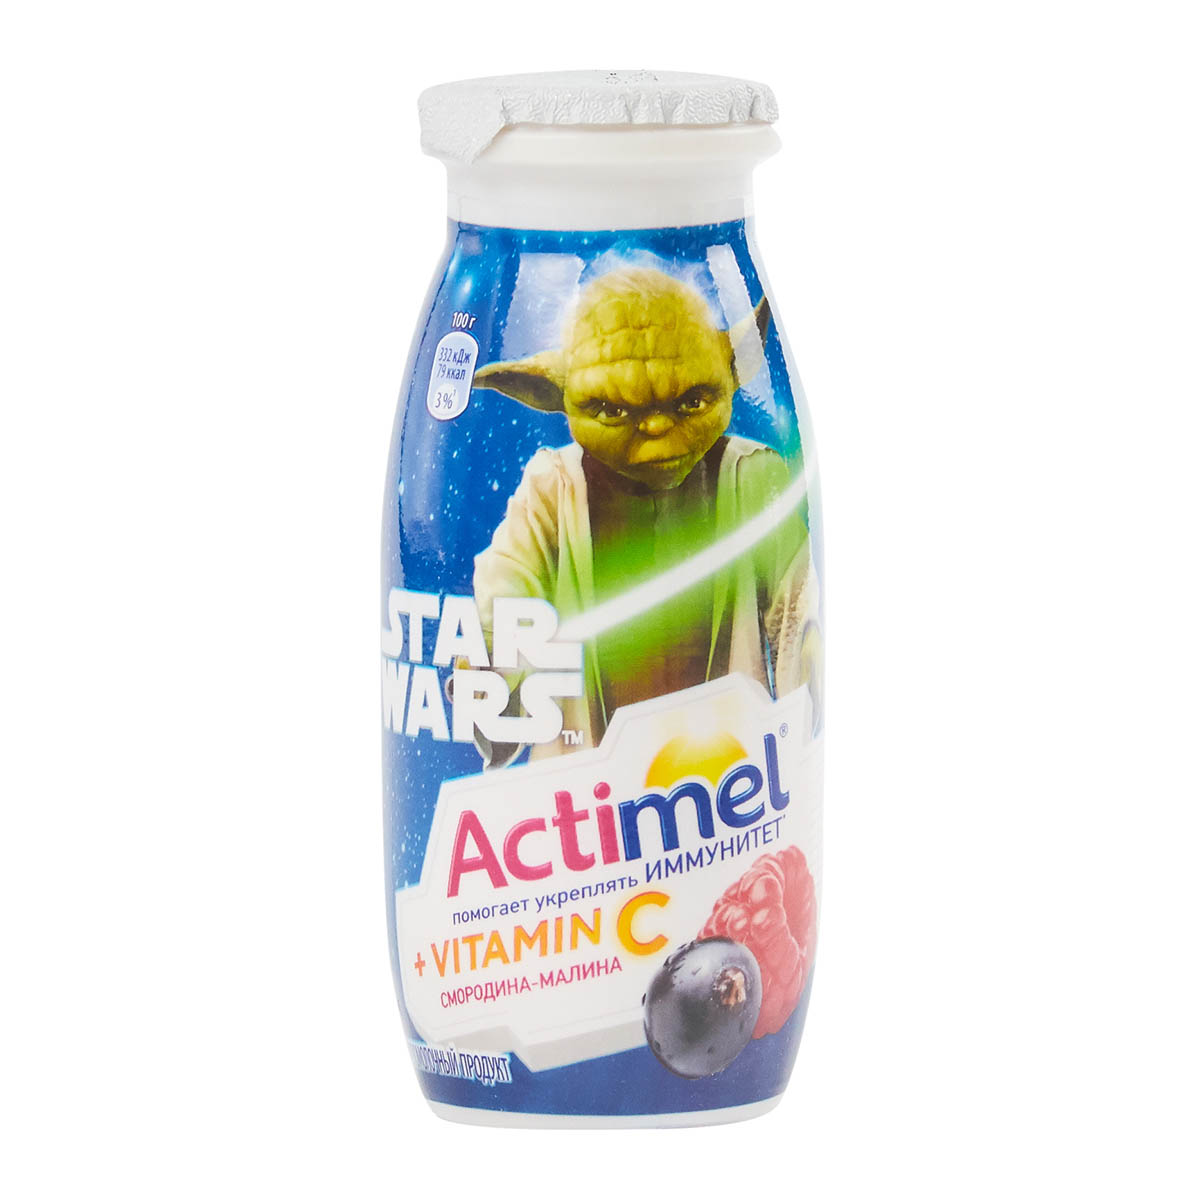 Actimel 2,5% смородина-малина